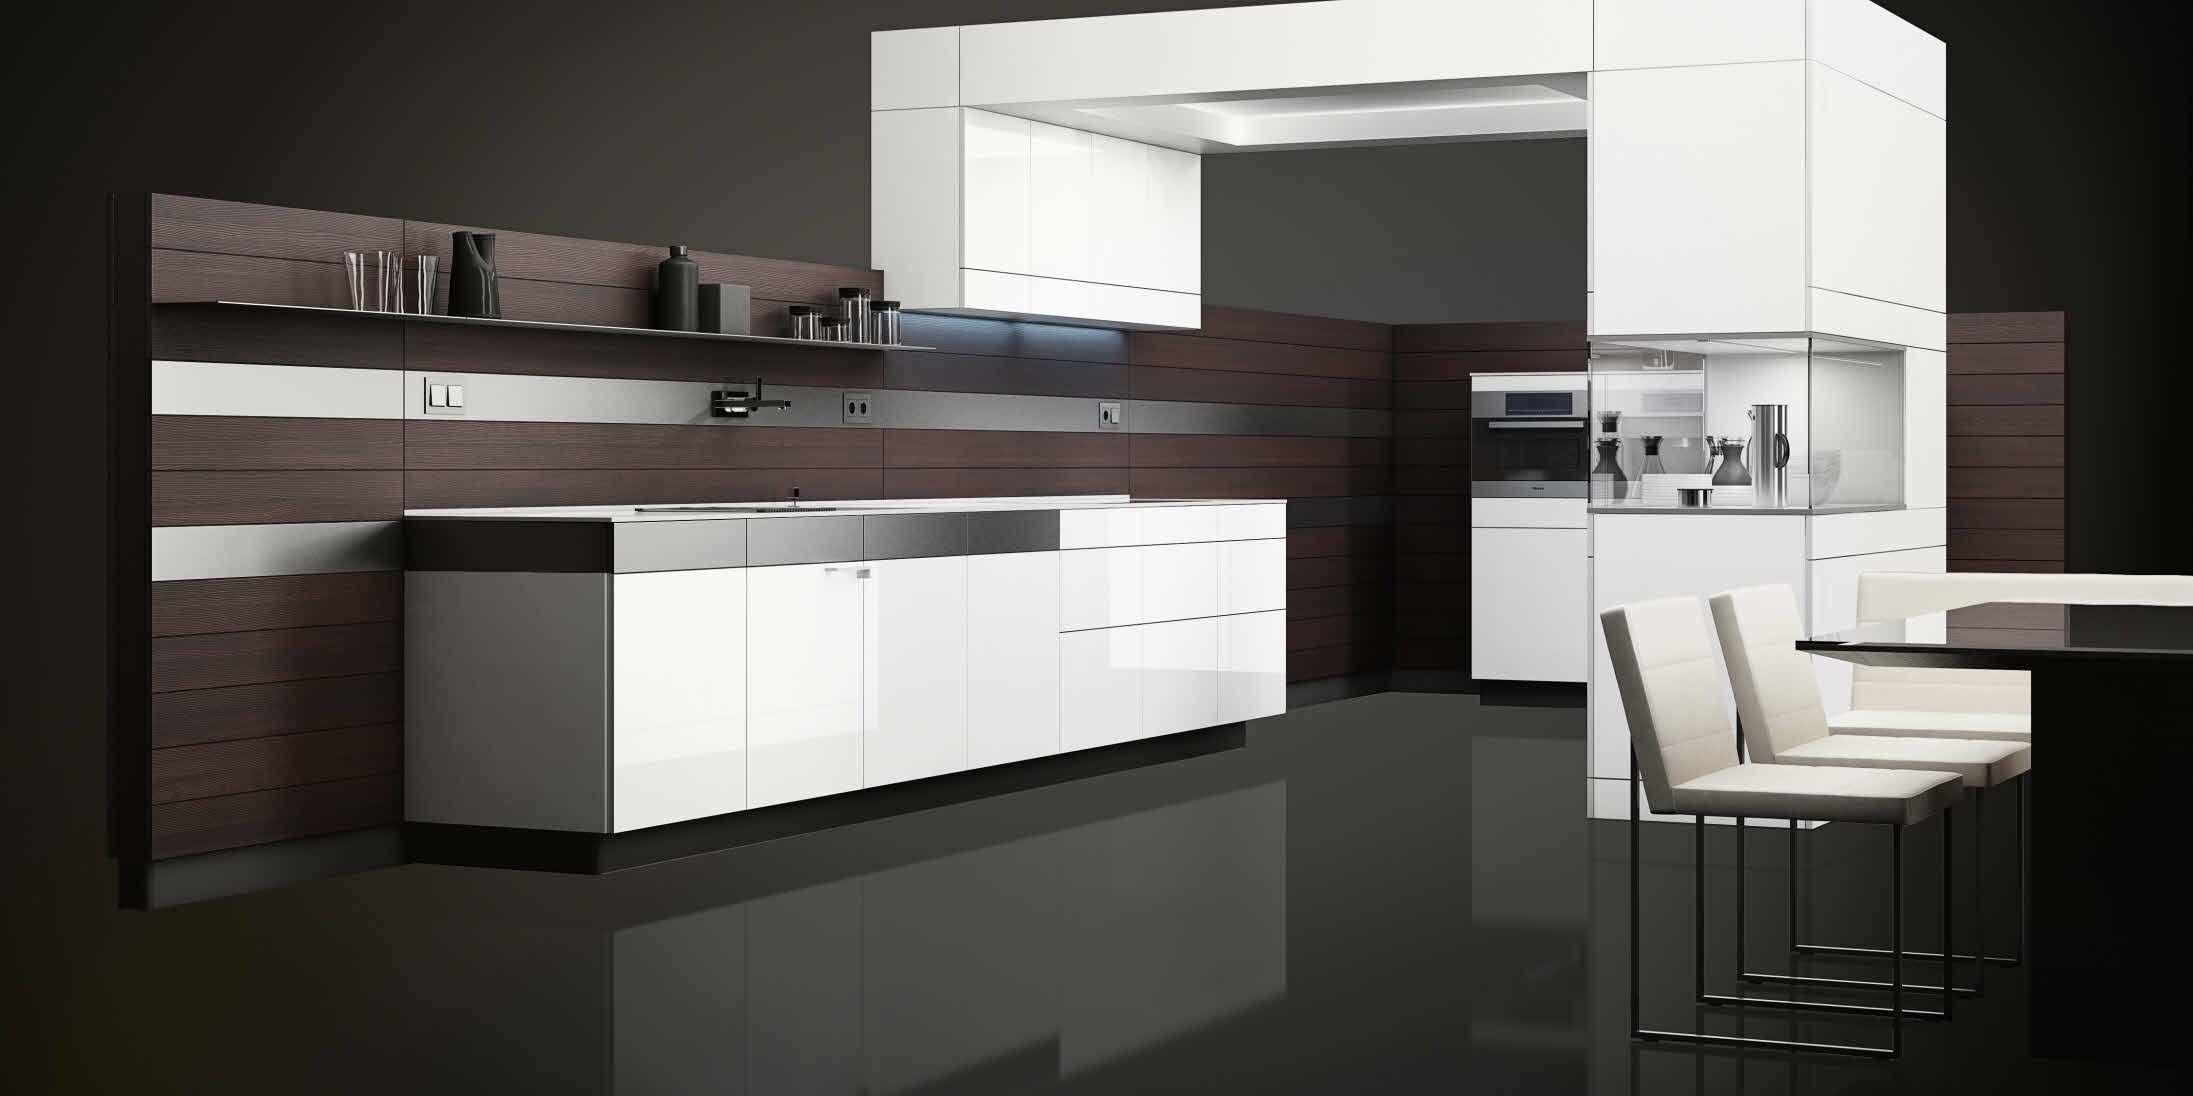 +ARTESIO polar white and brushed pine | Pitmaston kitchen ...